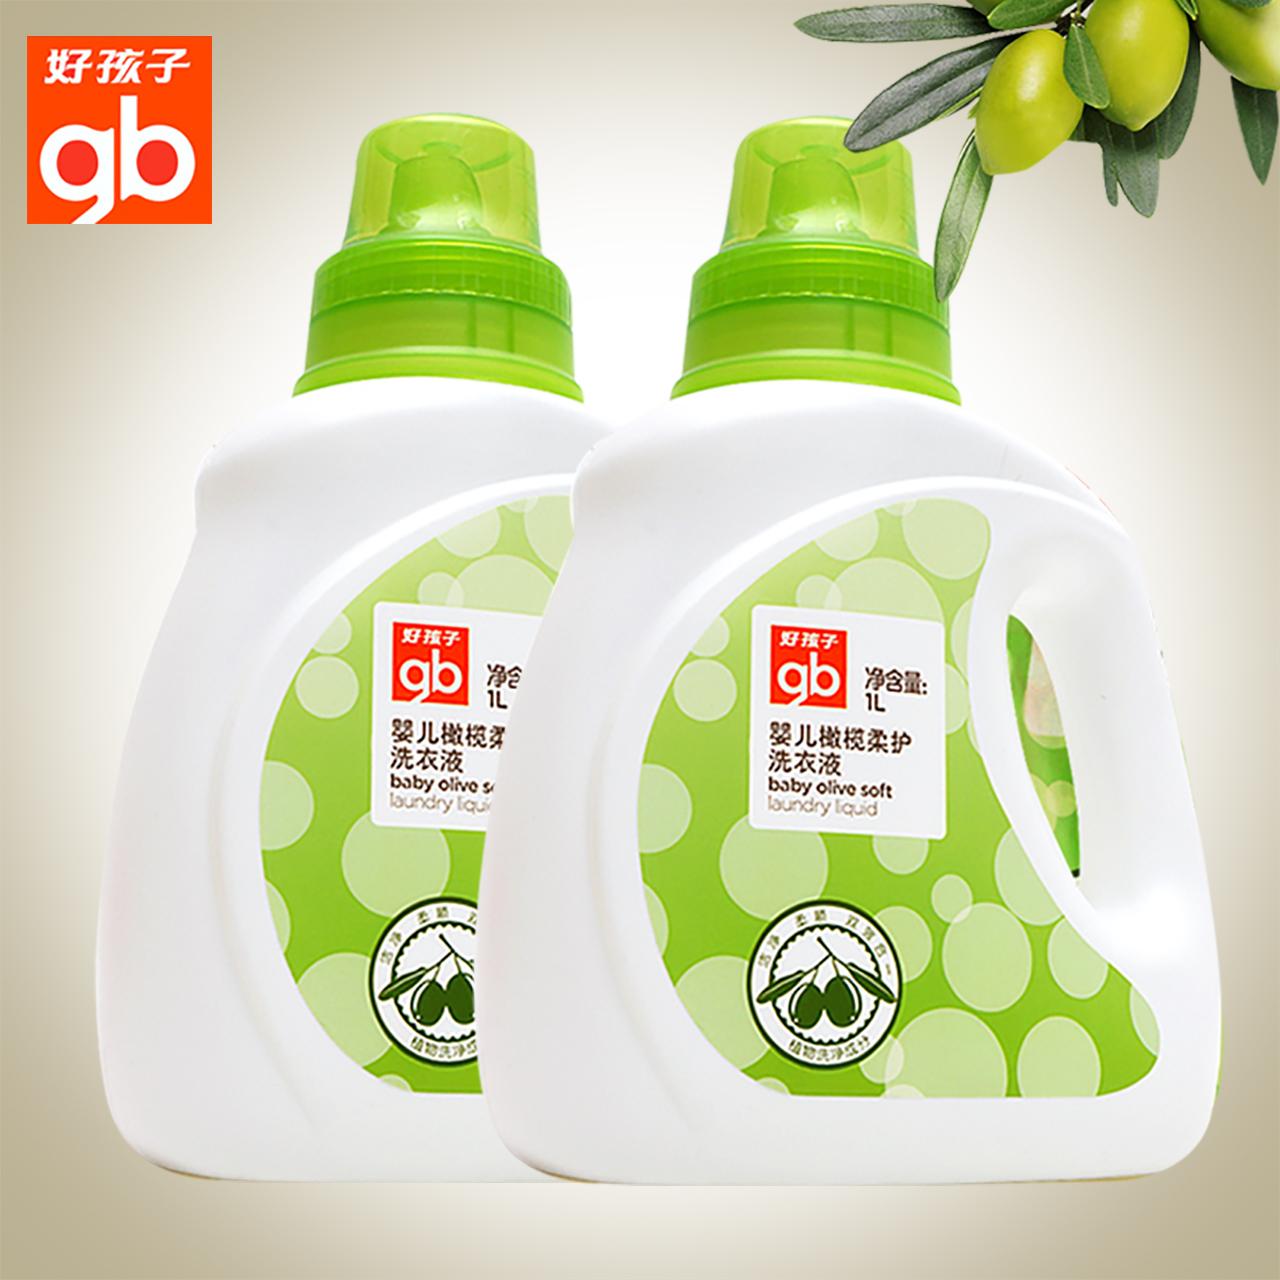 包郵 好孩子橄欖嬰兒洗衣液寶寶衣物兒童洗衣皂尿布清洗劑2000ML